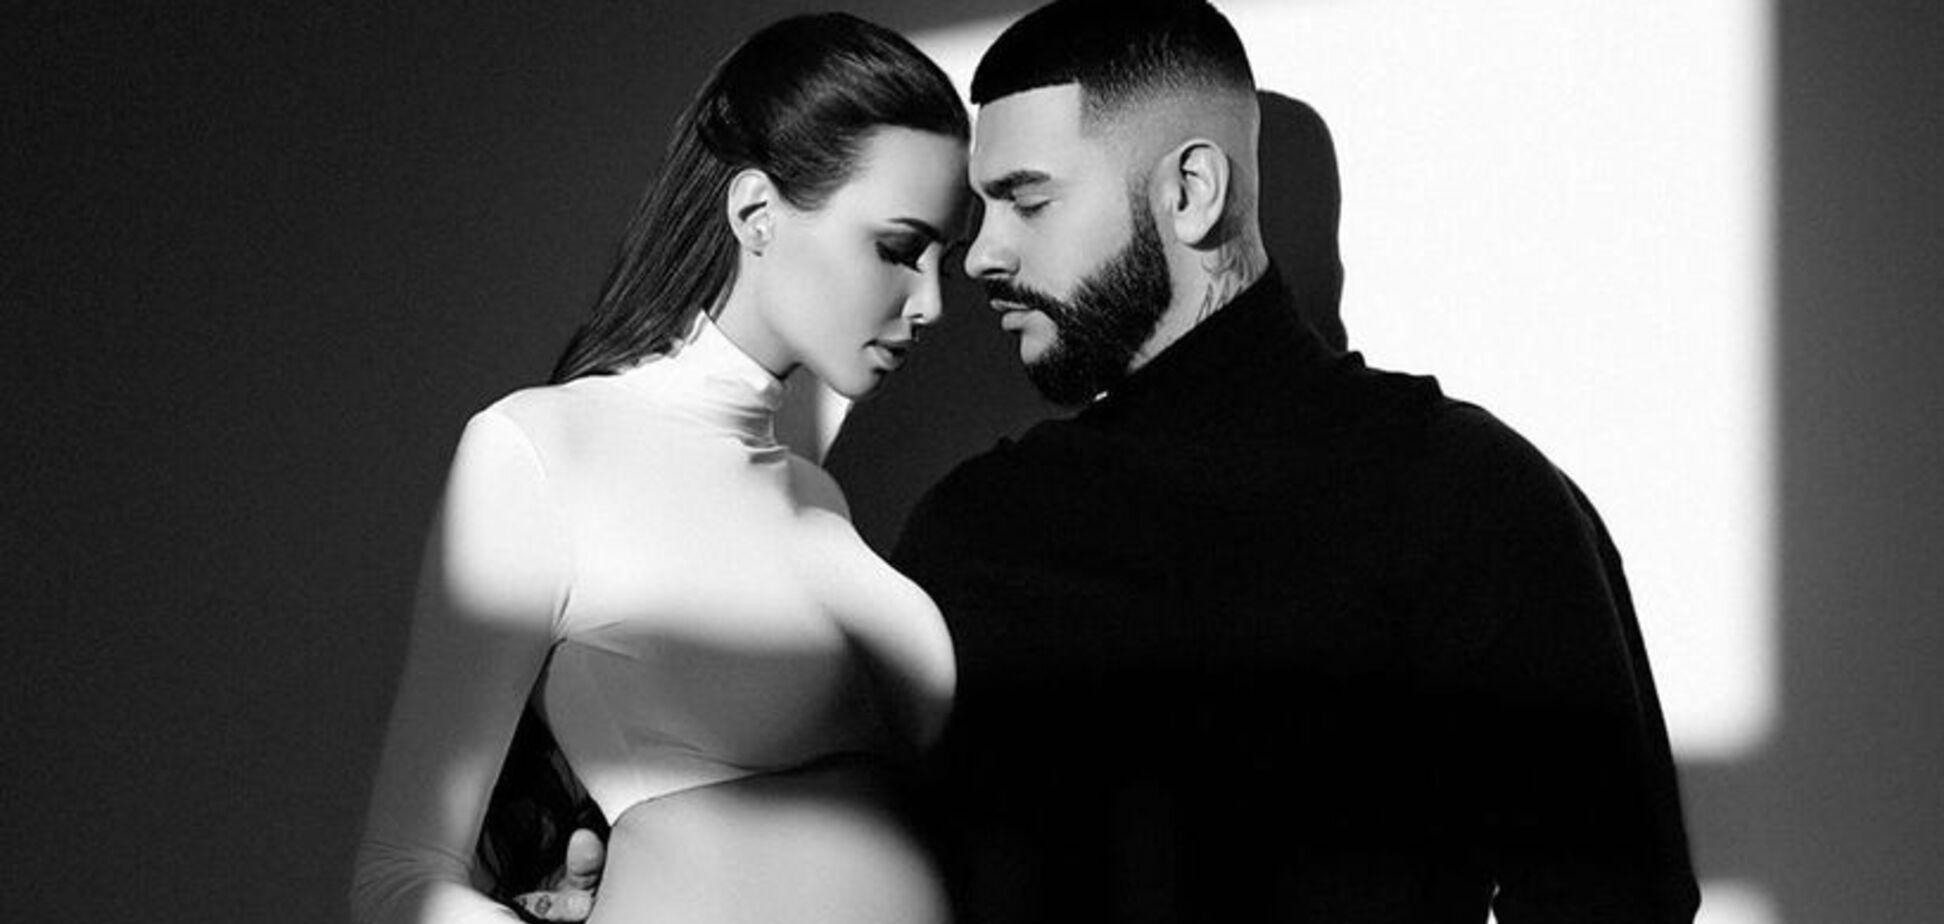 Невеста Тимати впервые подтвердила, что беременна: пикантные фото